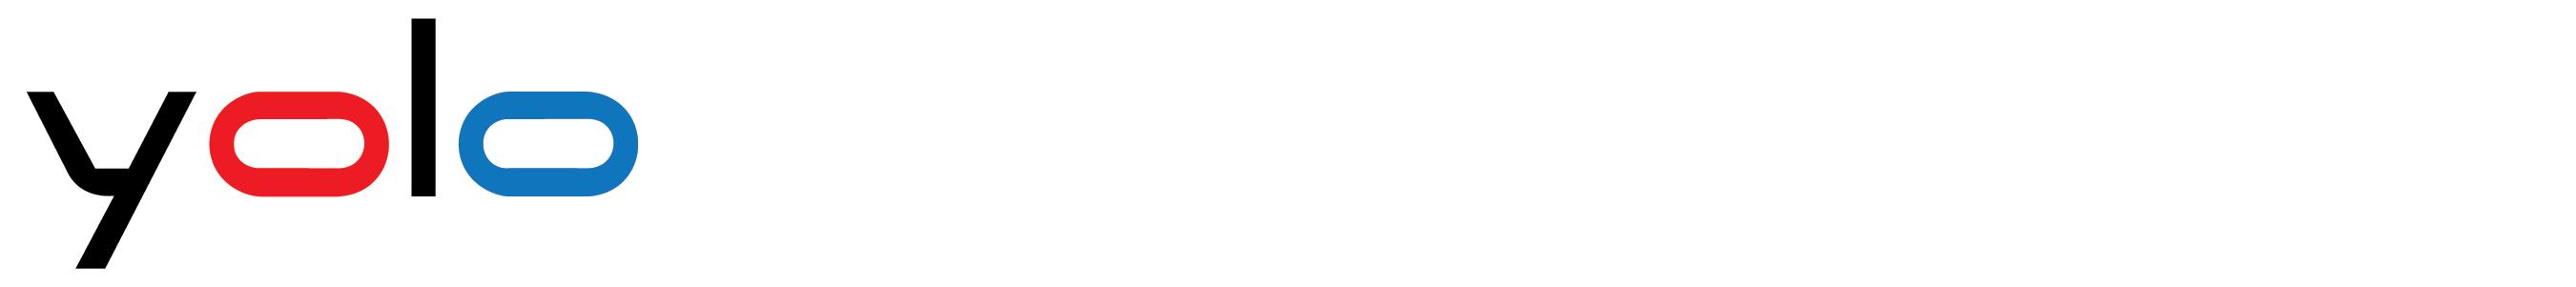 株式会社YOLO